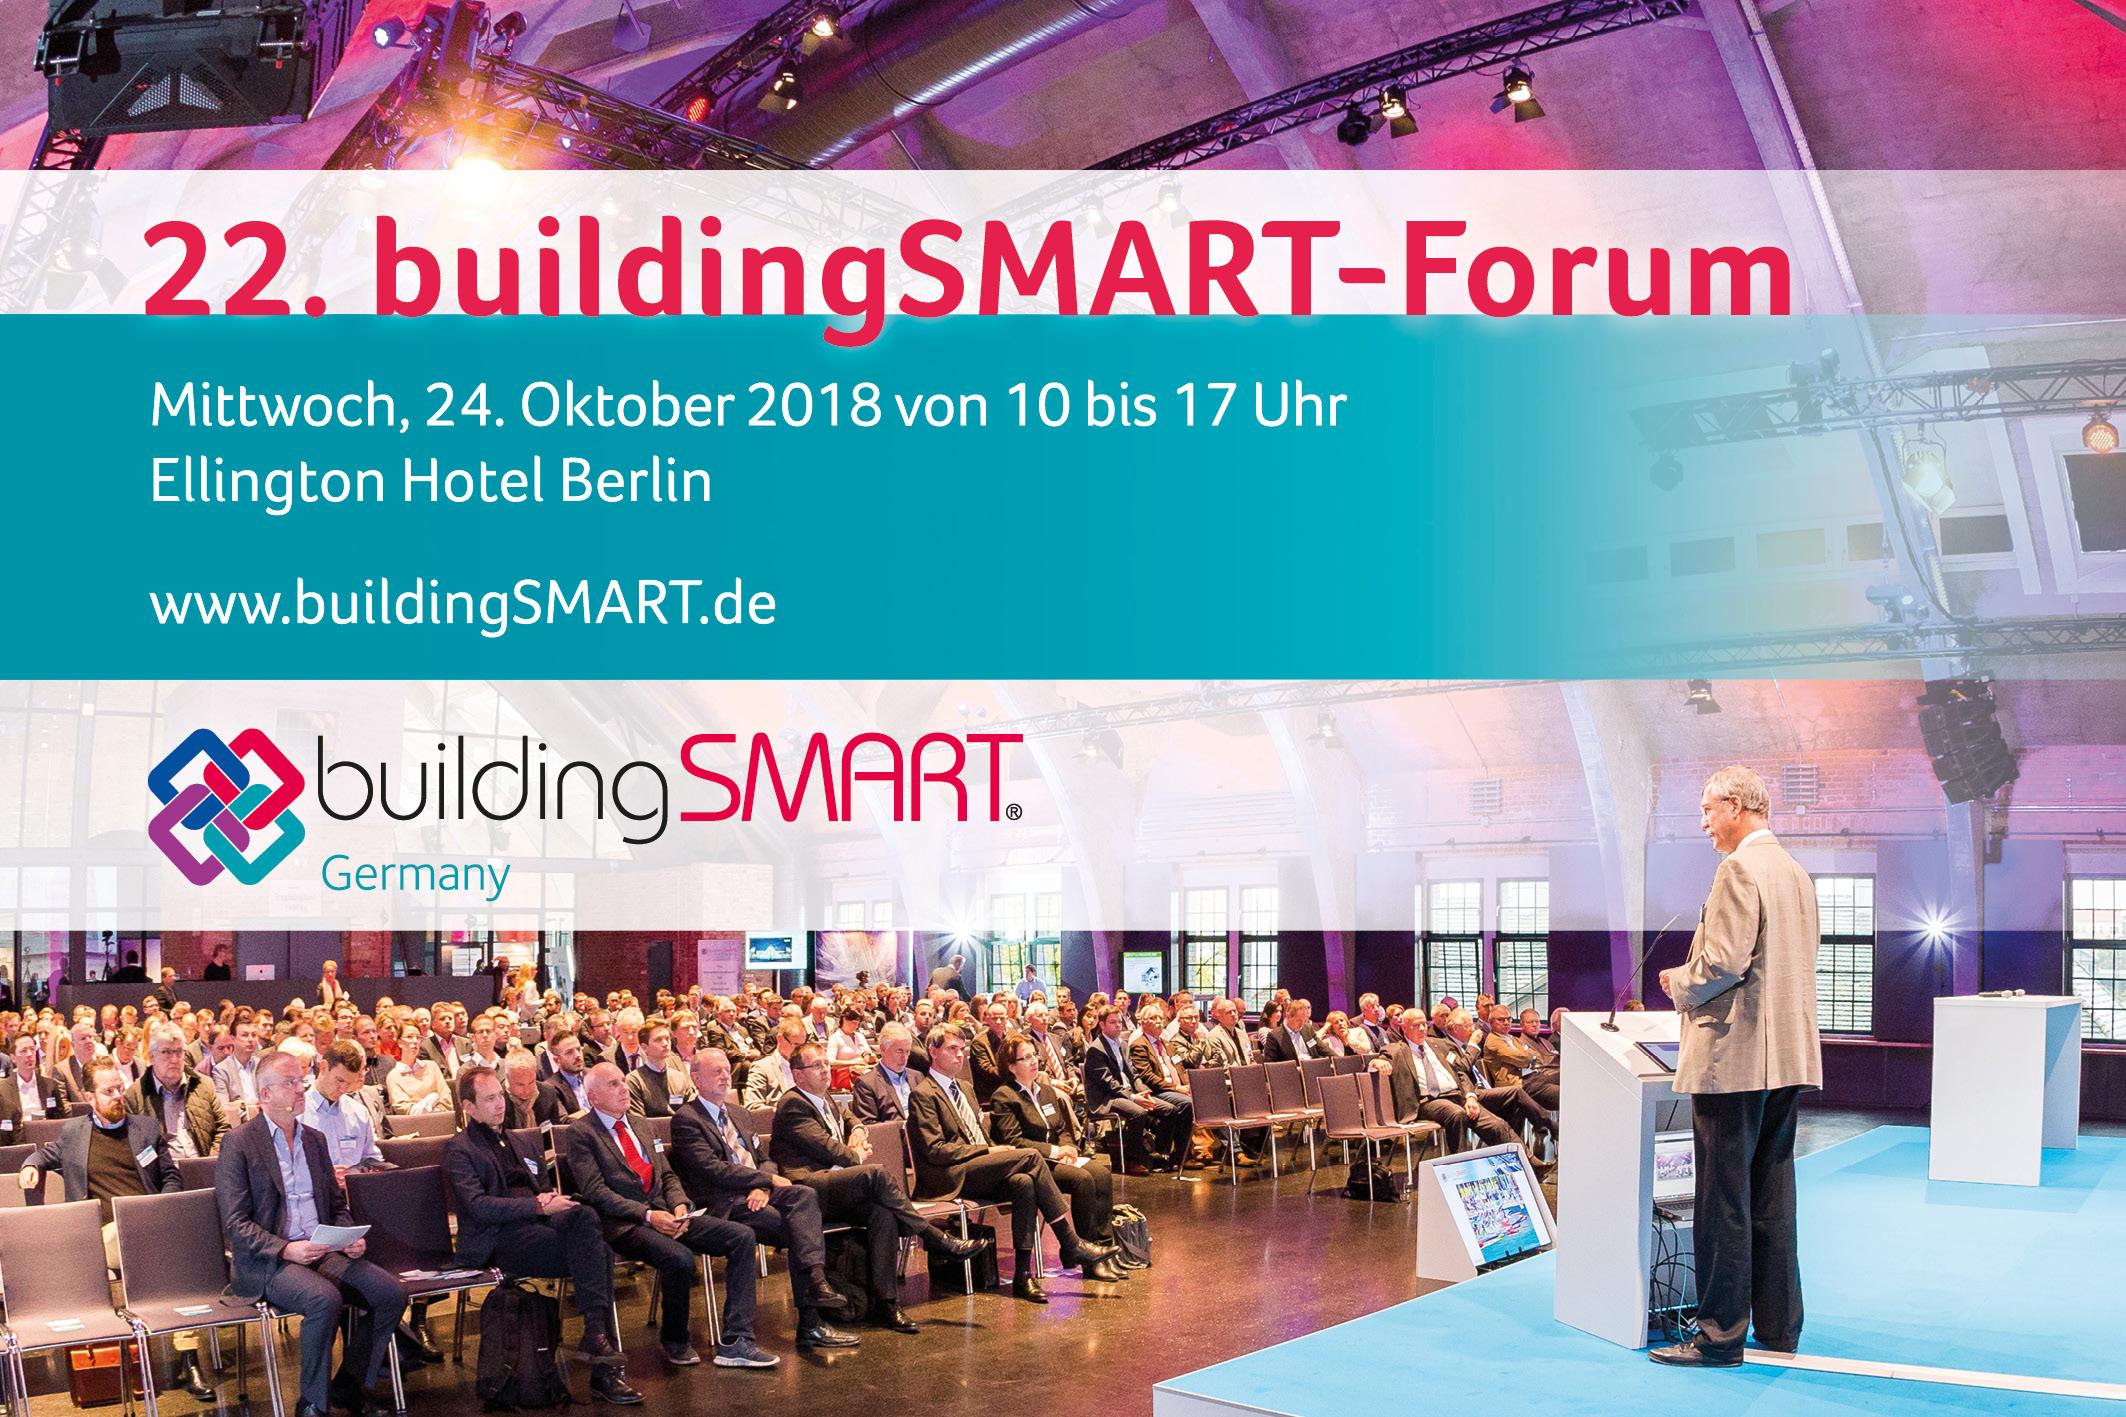 Digitalen Wandel mitgestalten – 22. buildingSMART-Forum in Berlin am 23. und 24. Oktober 2018